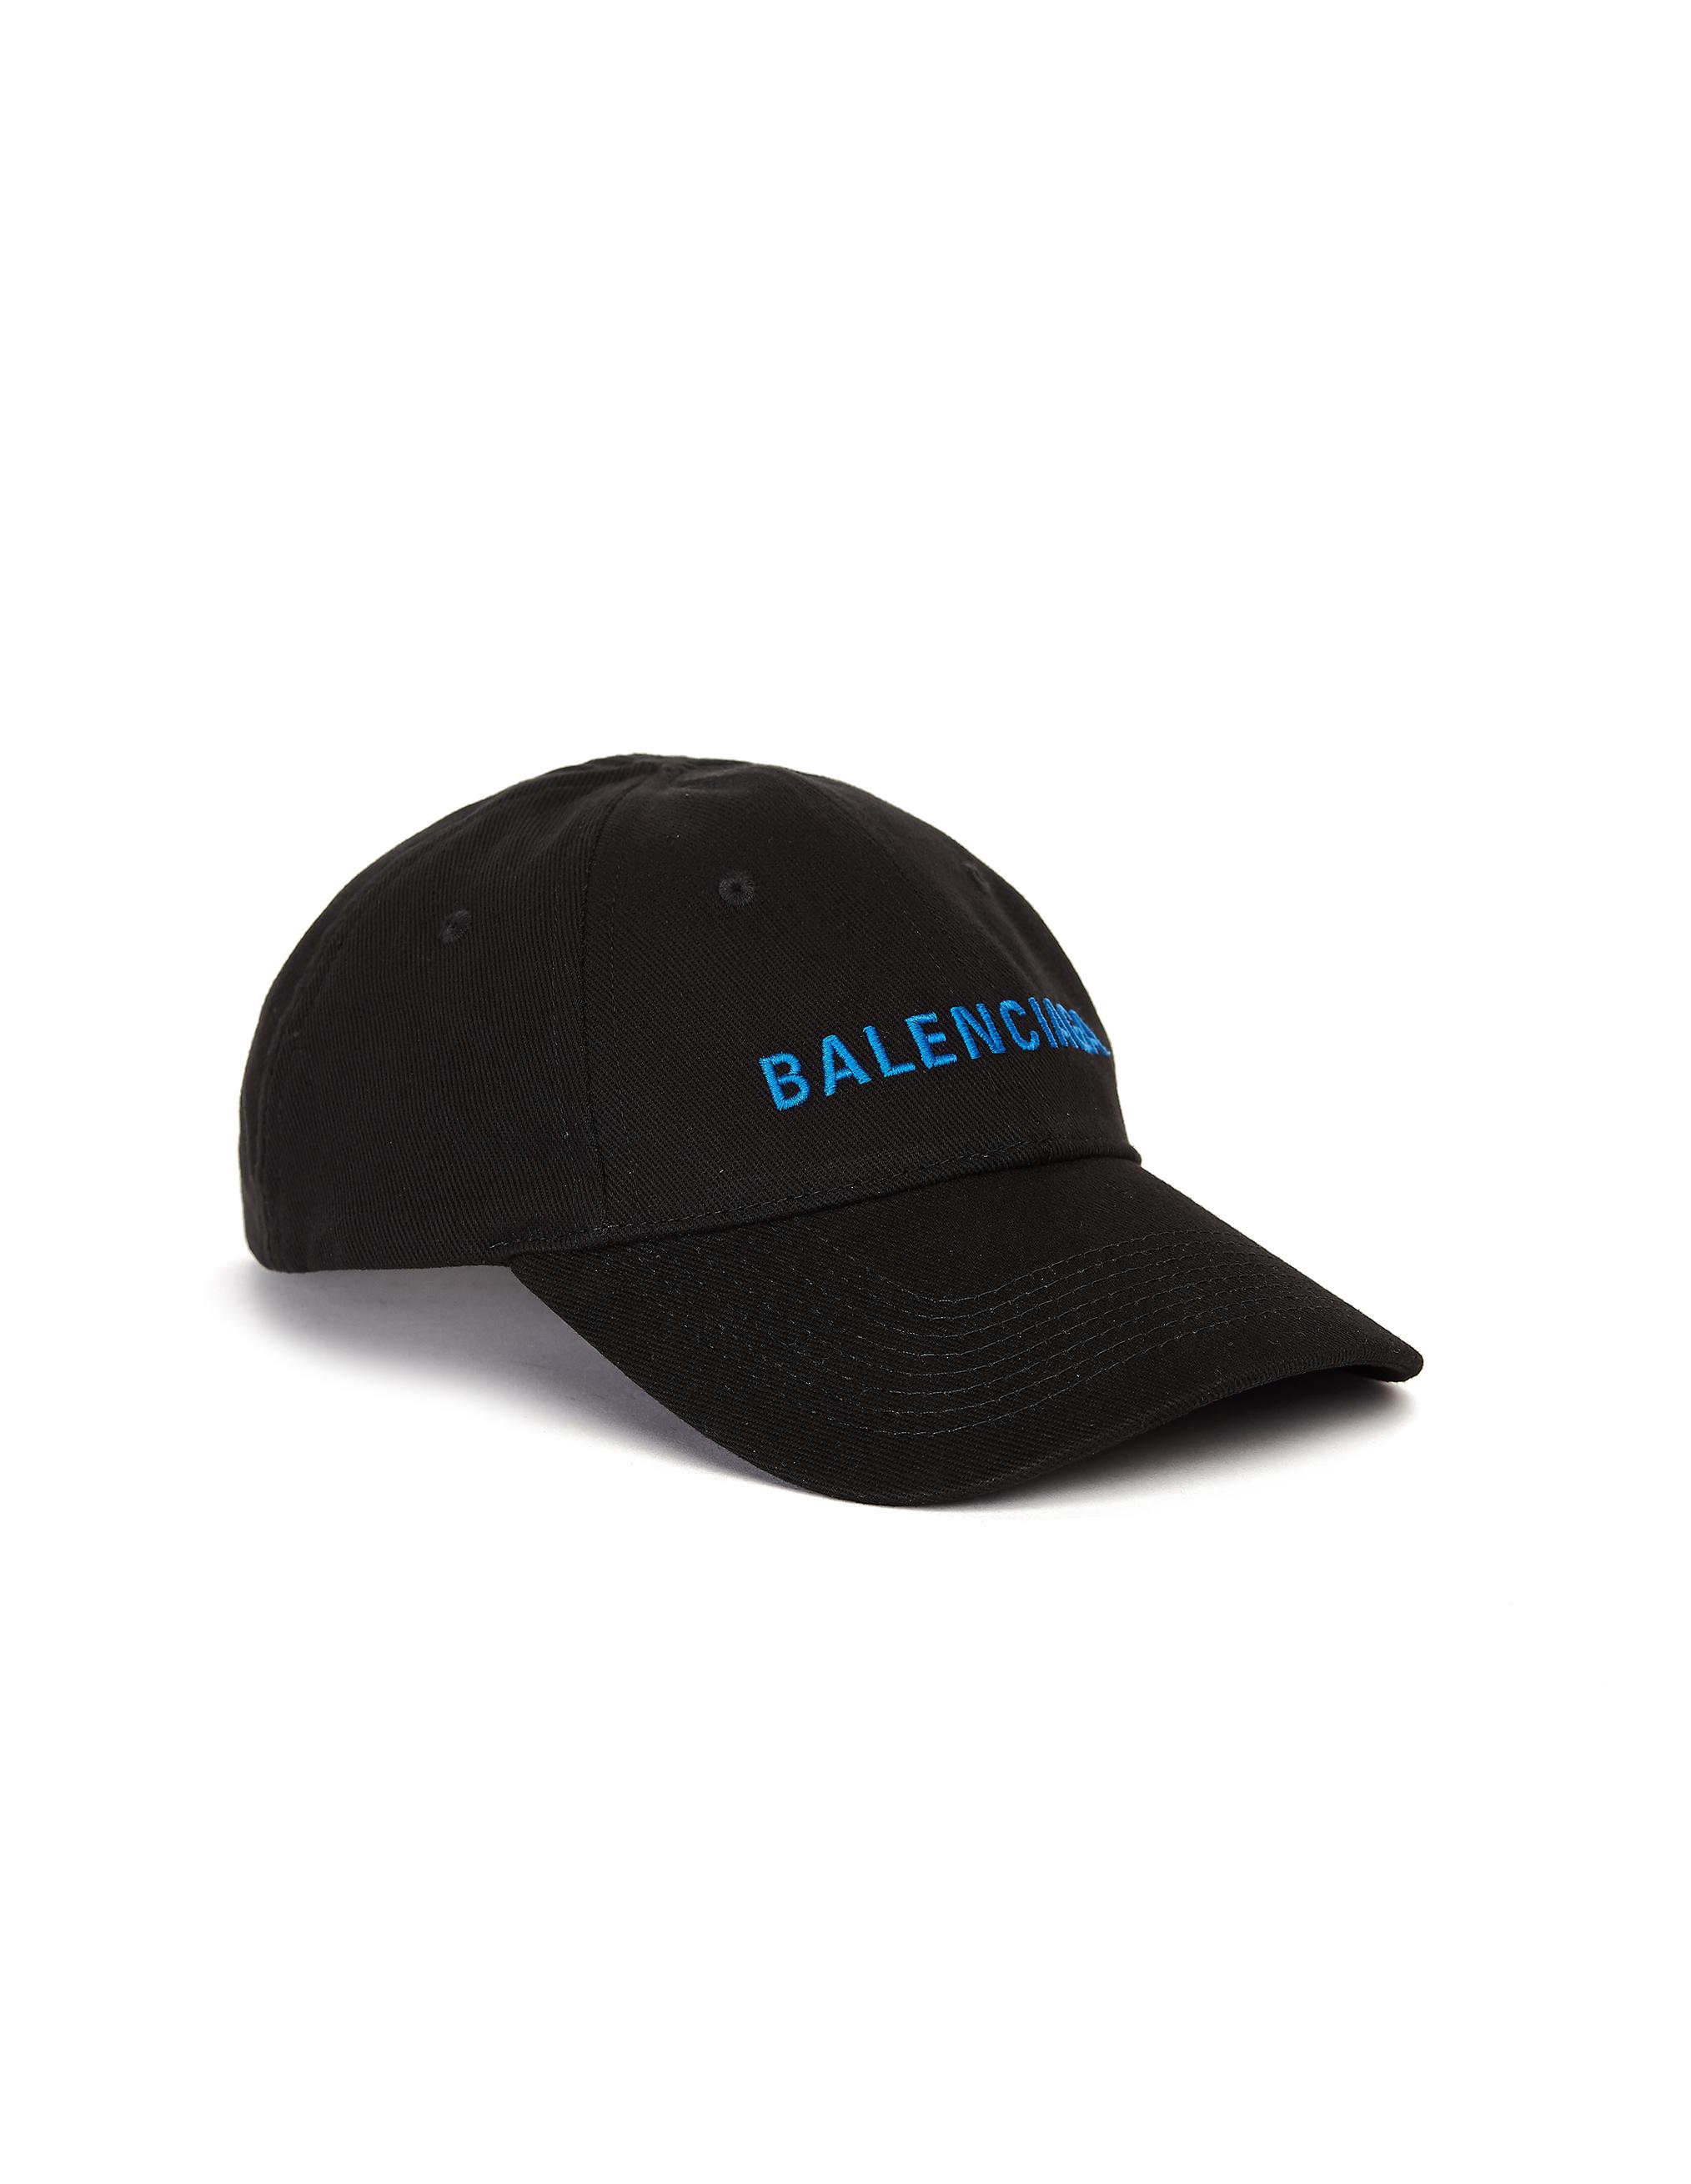 Balenciaga Black Cotton Embroidered Cap